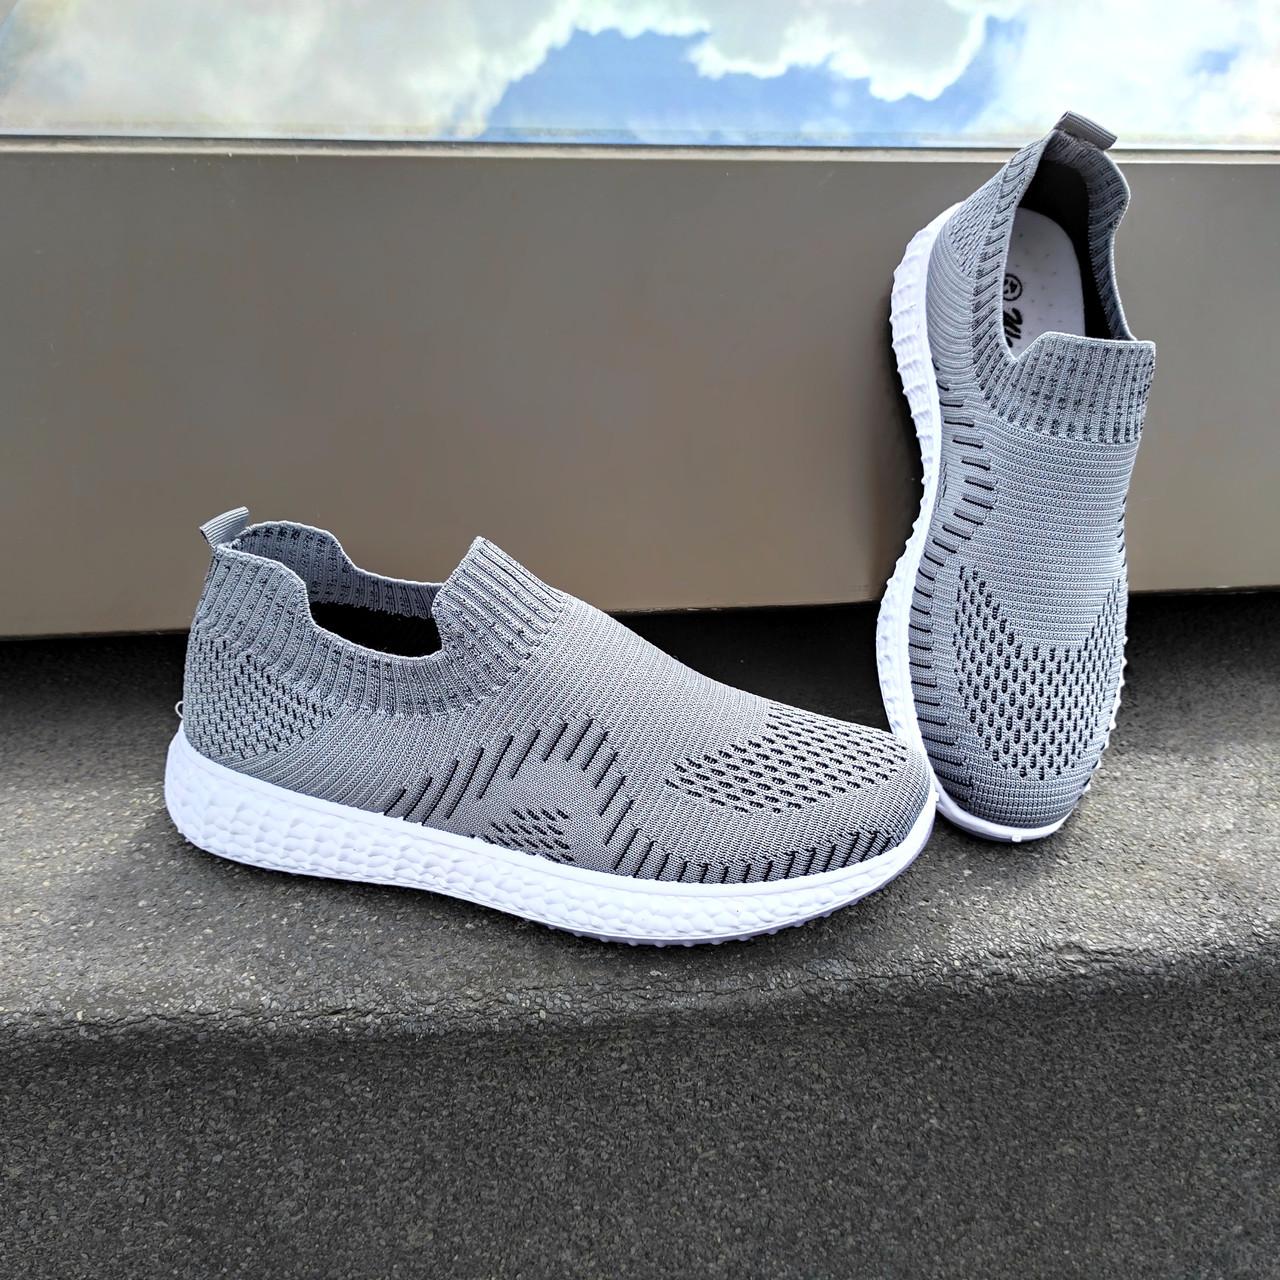 Сірі чоловічі тканинні кросівки шкарпетки літні текстиль легкі бігові без шнурків